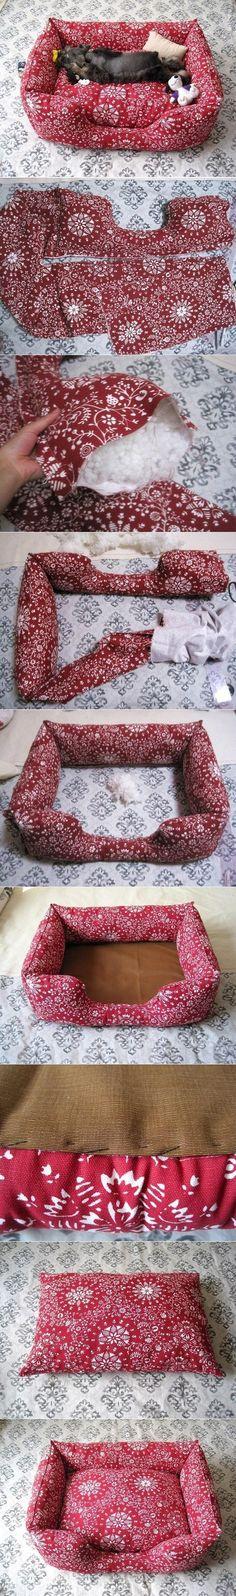 Kedi-Köpek Yatağı Modelleri 3 #kendinyap #diy #geridönüşüm #geridonusum